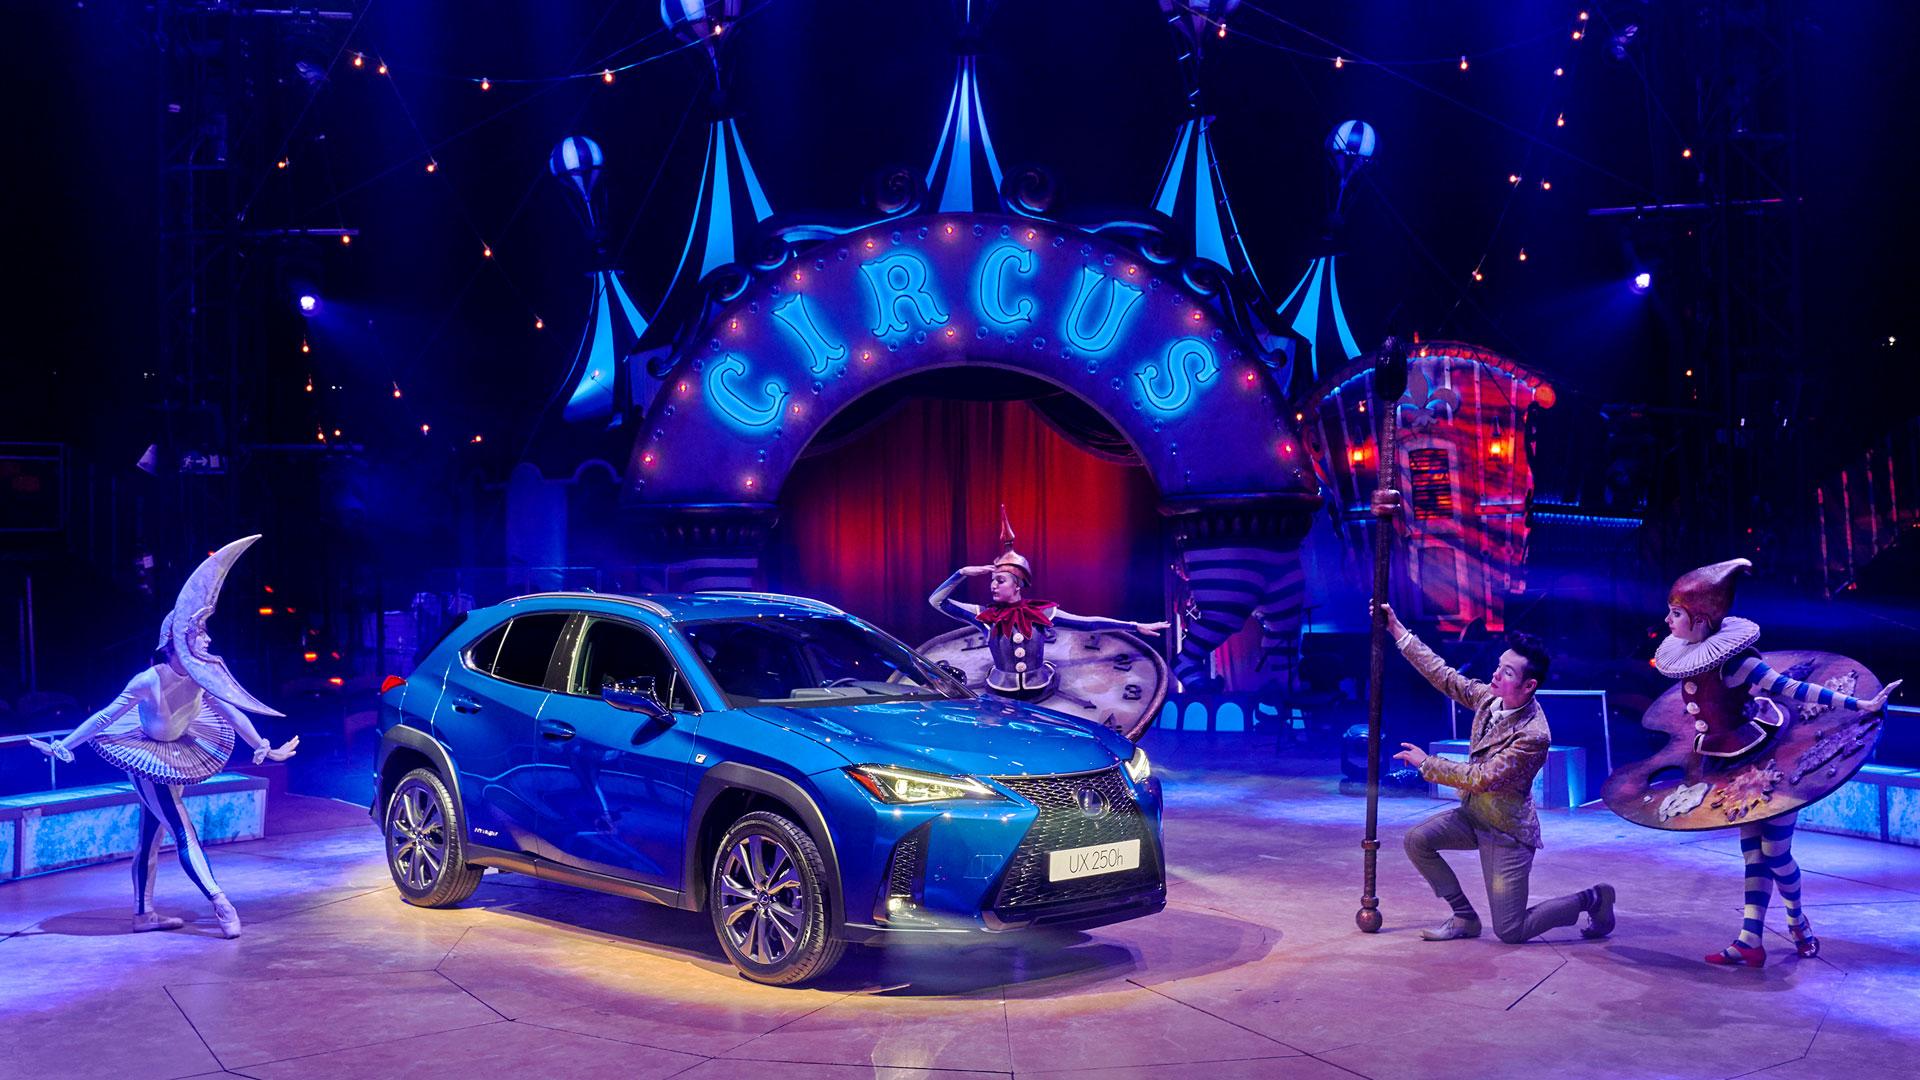 Imagen del interior de Circlassica con el UX 250h en color azul